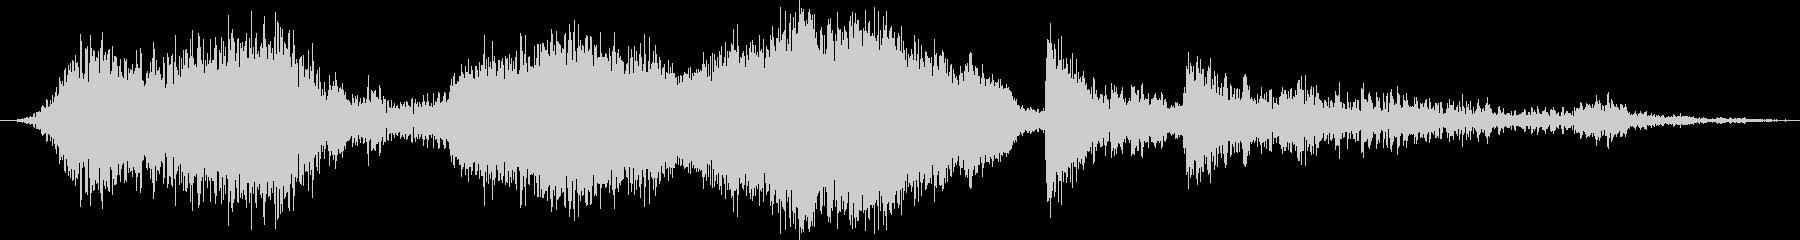 ラスティメタル:ヘビーターンオアラ...の未再生の波形